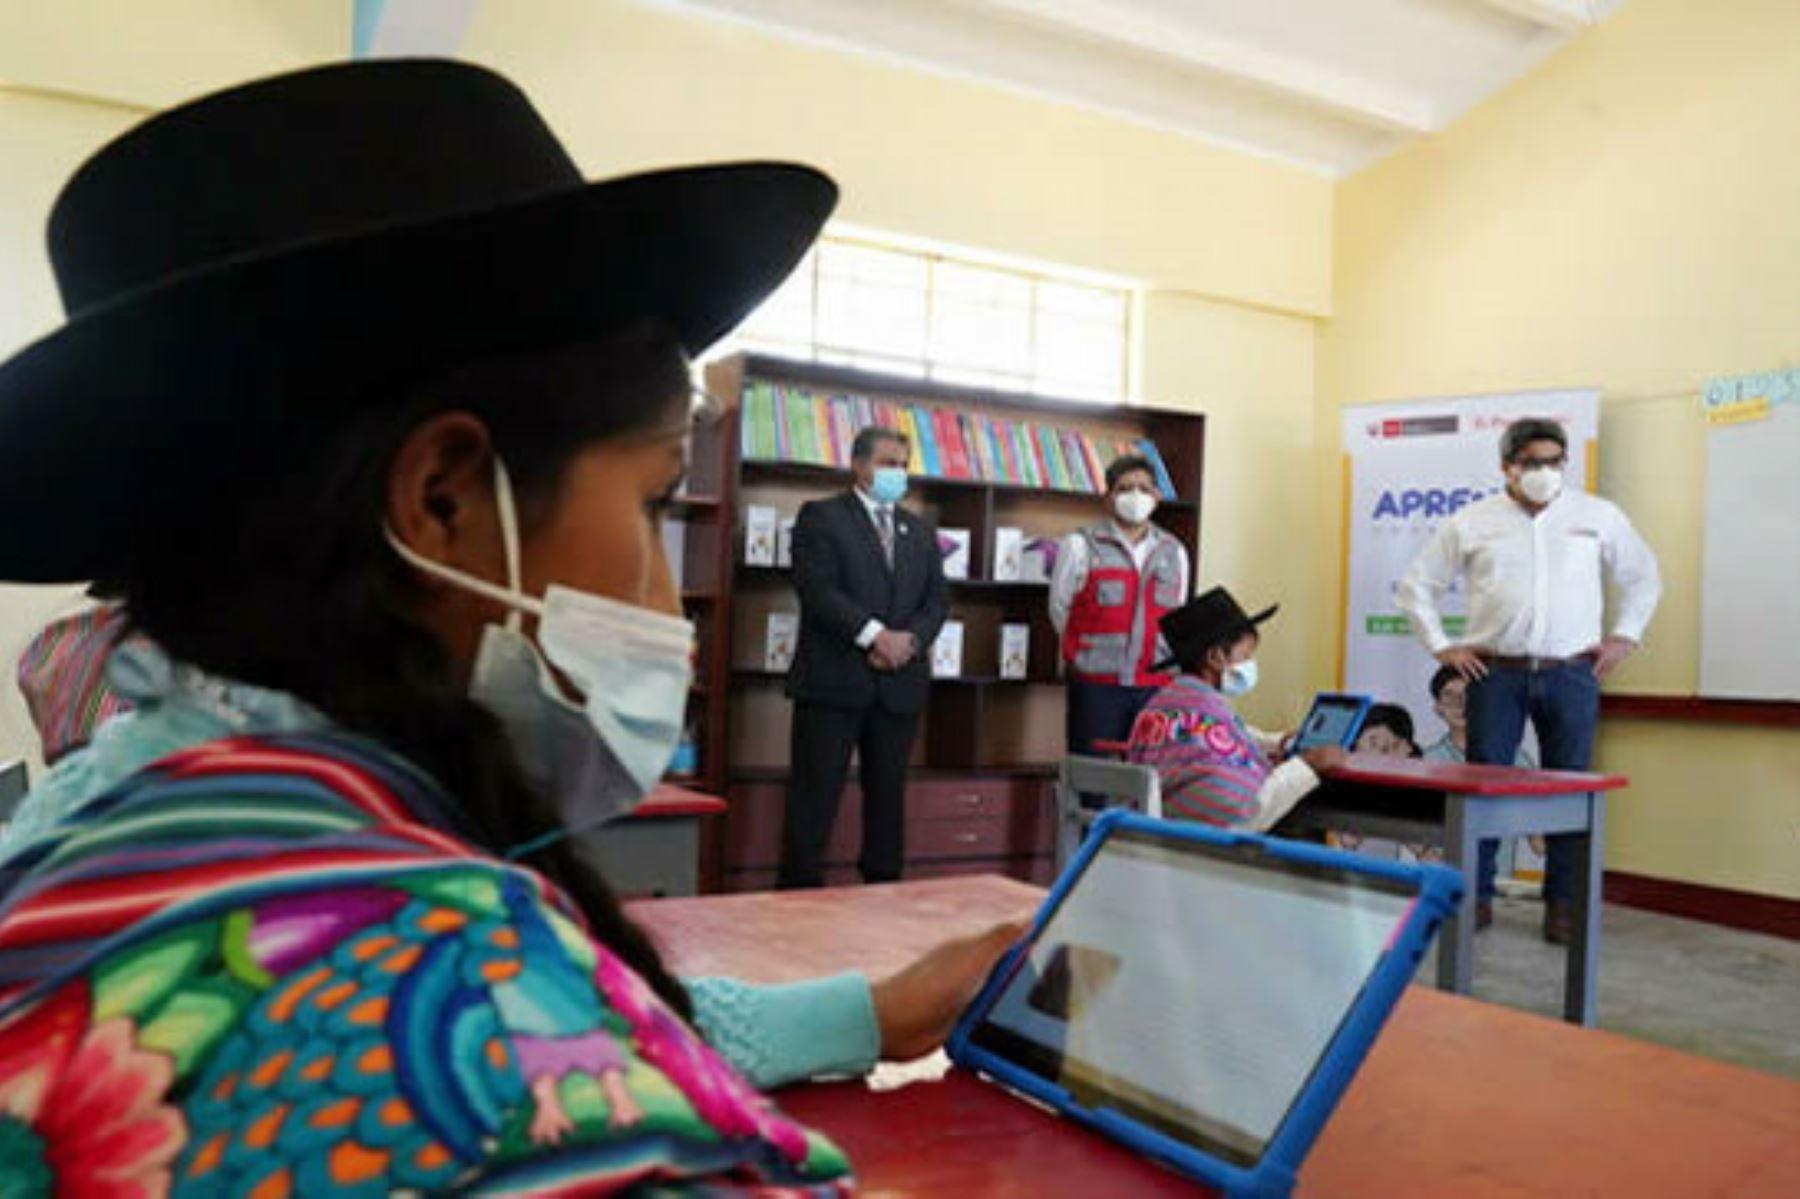 El ministro Martín Benavides anunció que el Minedu entregará tabletas al 86 % de todos los servicios educativos y al 60 % de los estudiantes de Ayacucho. Foto: ANDINA/Difusión